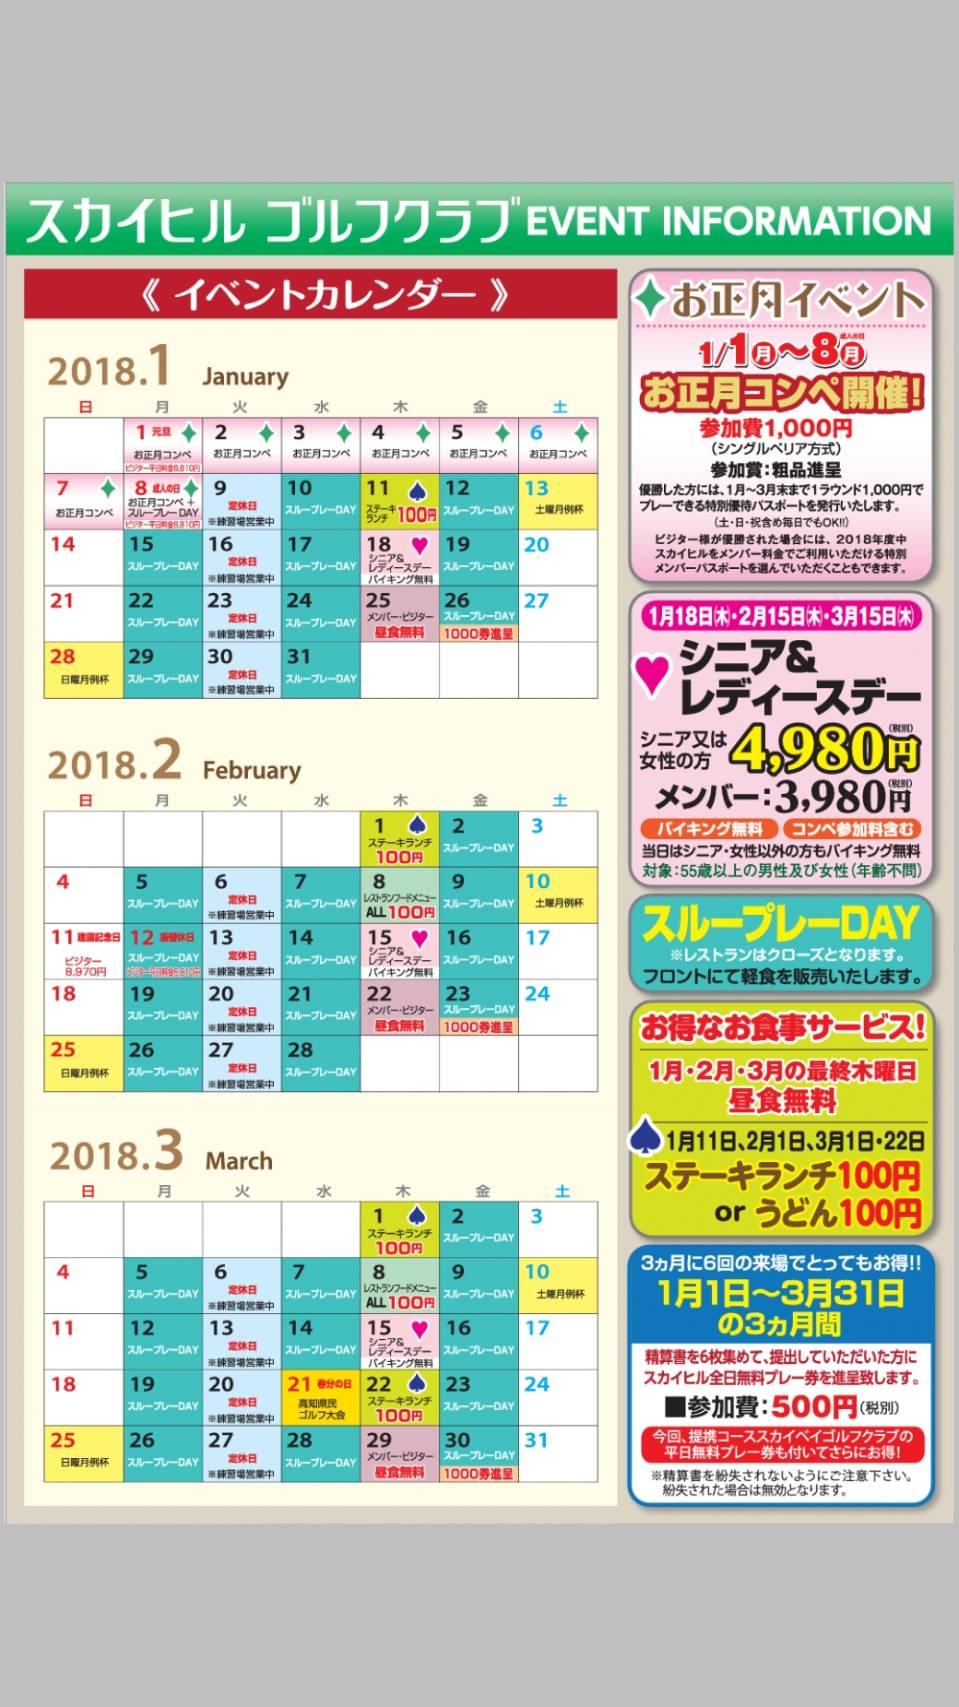 キャプチャ2018.1-3(SH)表